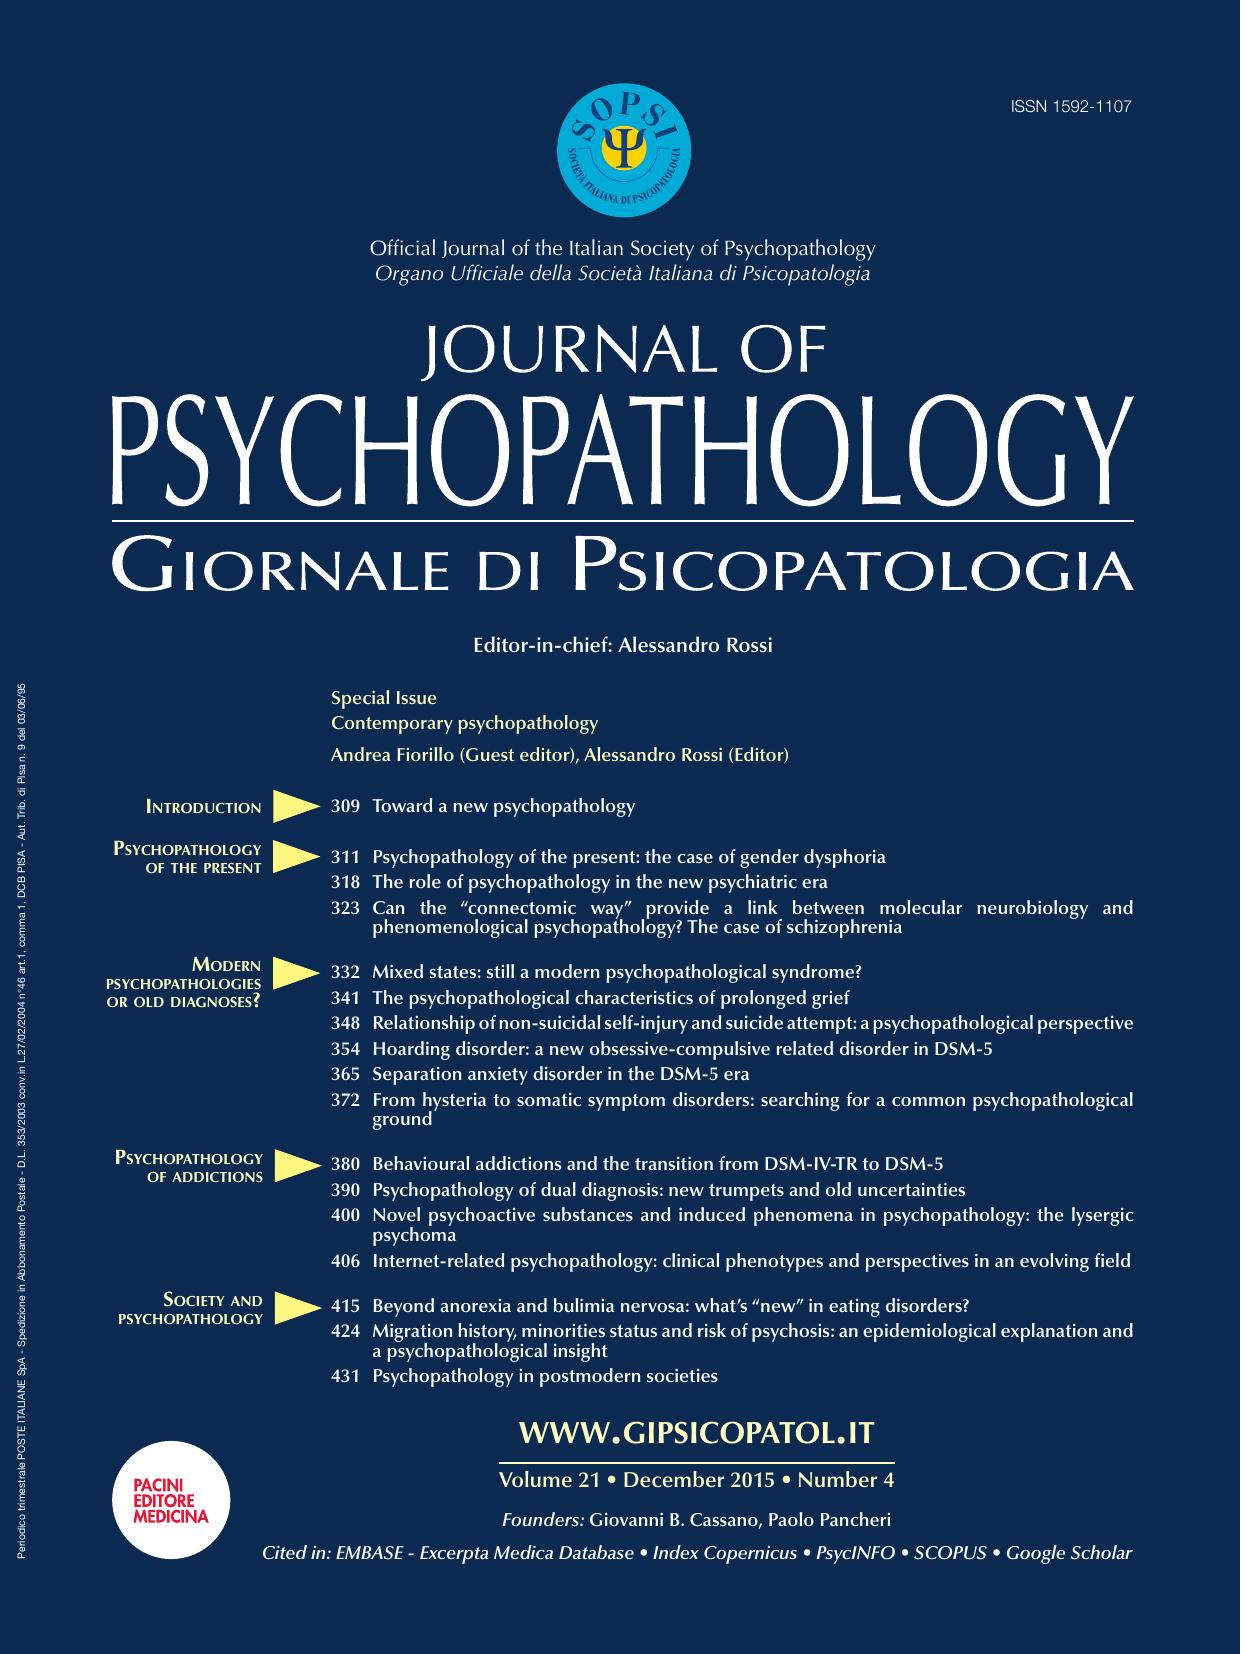 diabetes tipo 2 gwas metaanálisis psicología